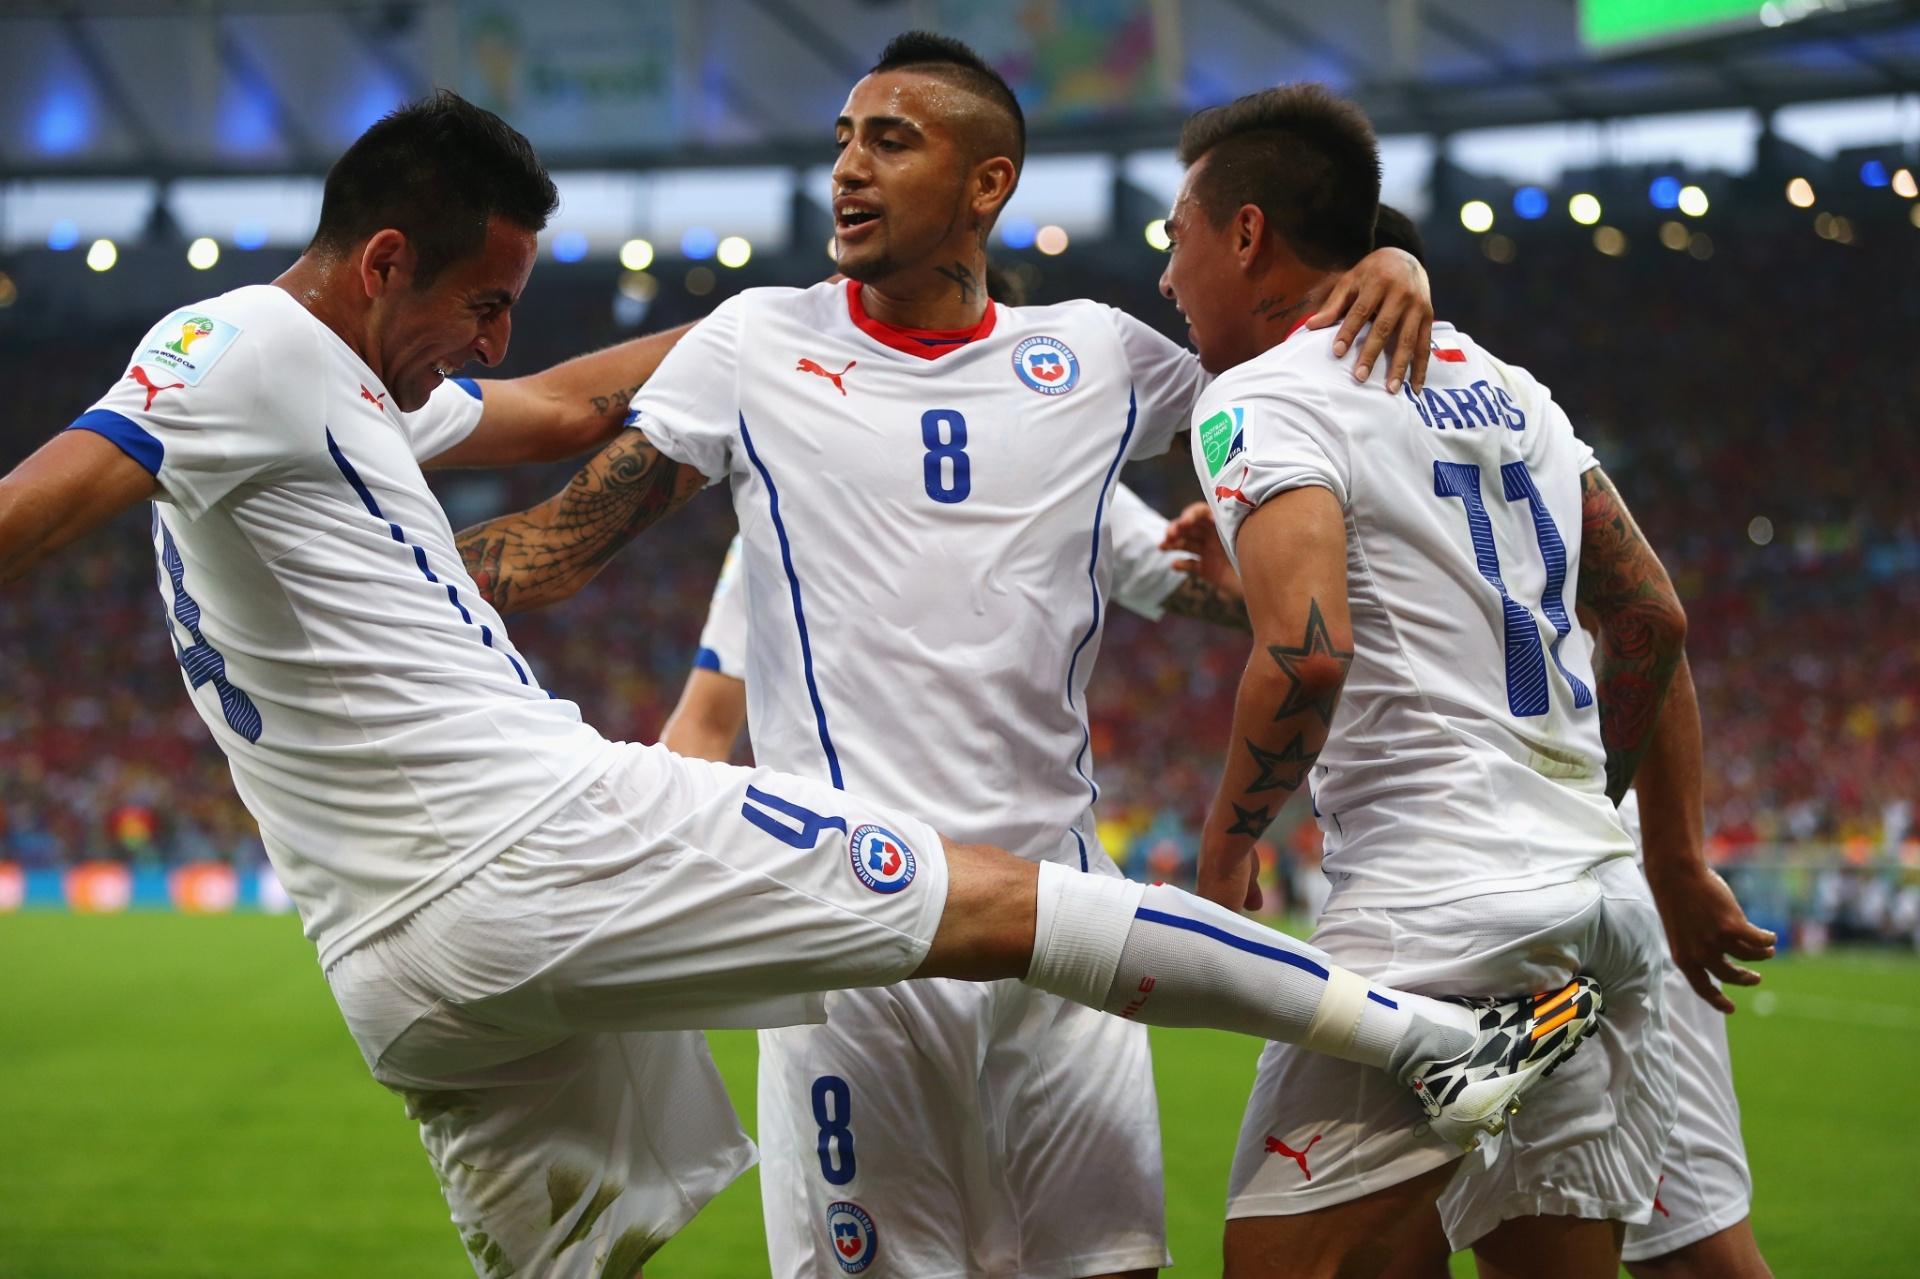 Autor do primeiro gol contra a Espanha, Vargas comemora com Isla e Vidal